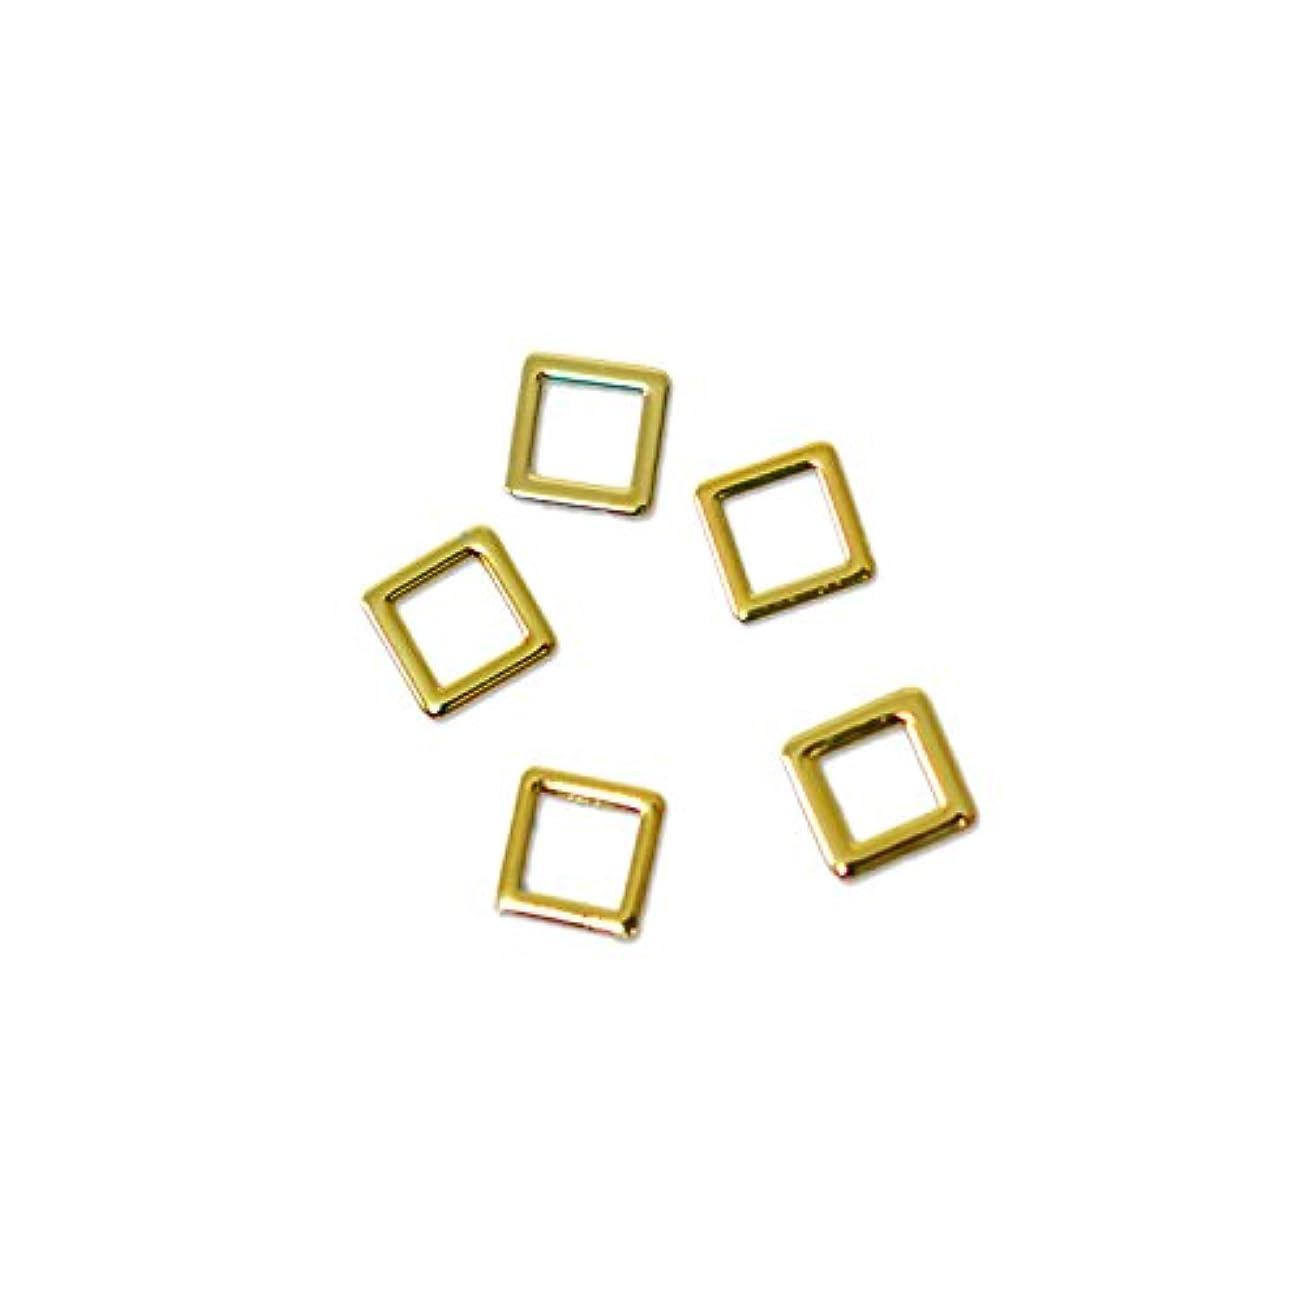 記事例凍った薄型メタルパーツ10001 スクエア 約3mm(内寸約2mm) ゴールド 20個入り 片面仕上